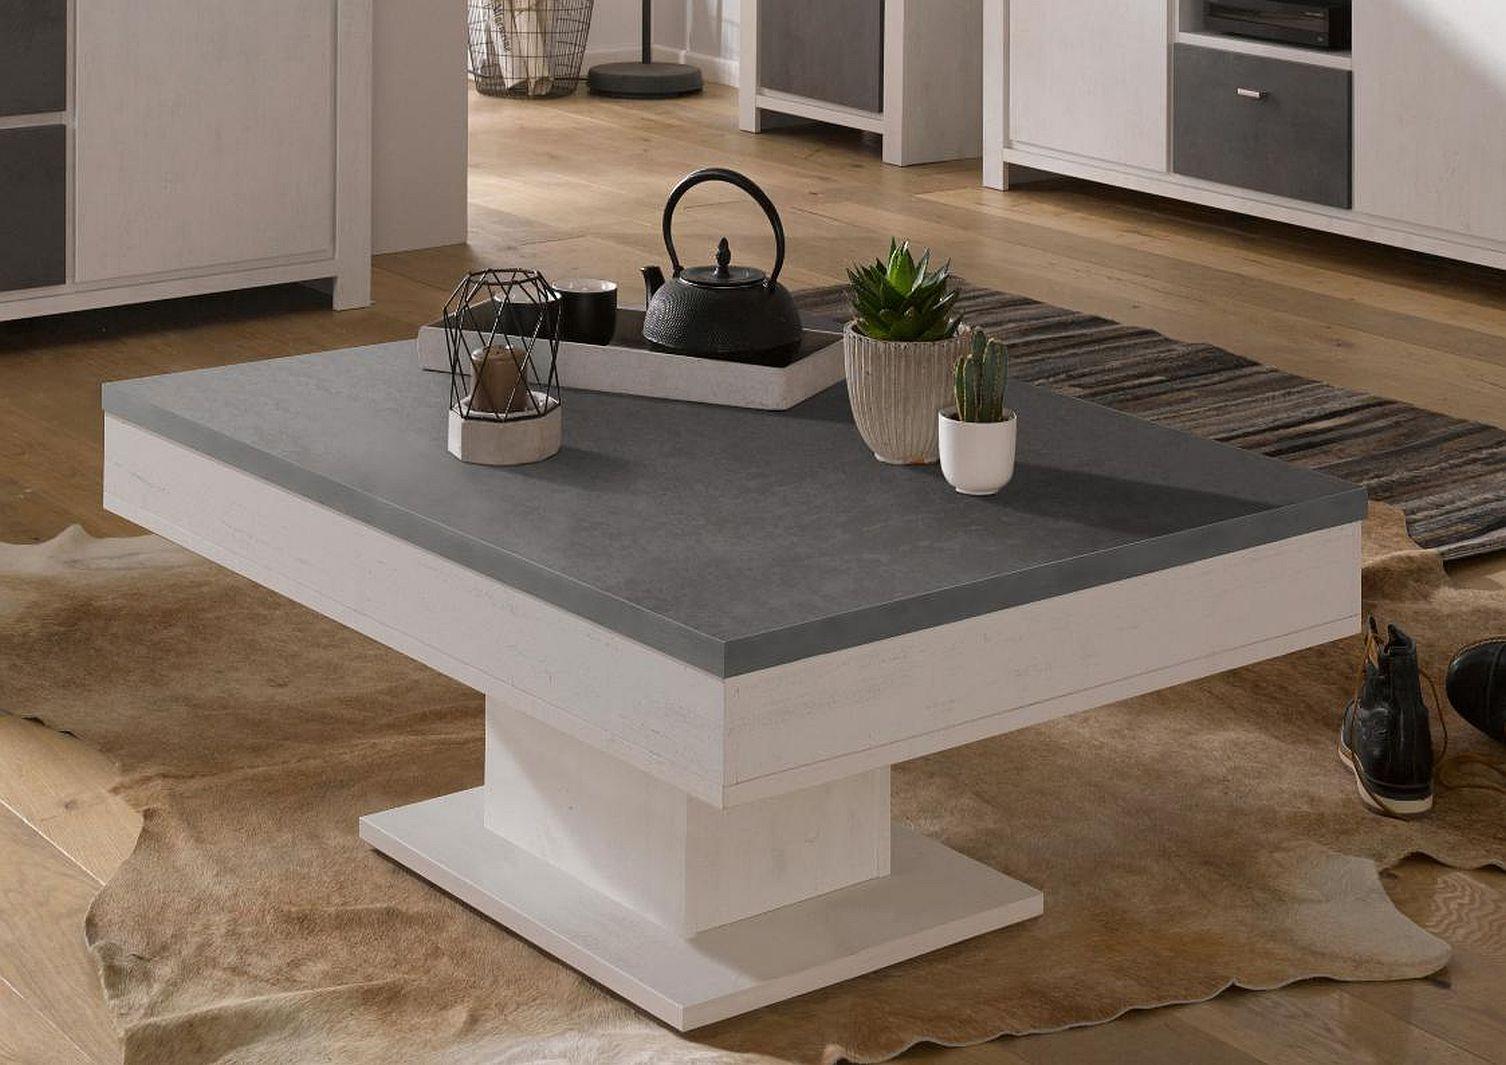 couchtisch wohnzimmertisch designertisch tisch beistelltisch tische 80x80 graphi ebay. Black Bedroom Furniture Sets. Home Design Ideas